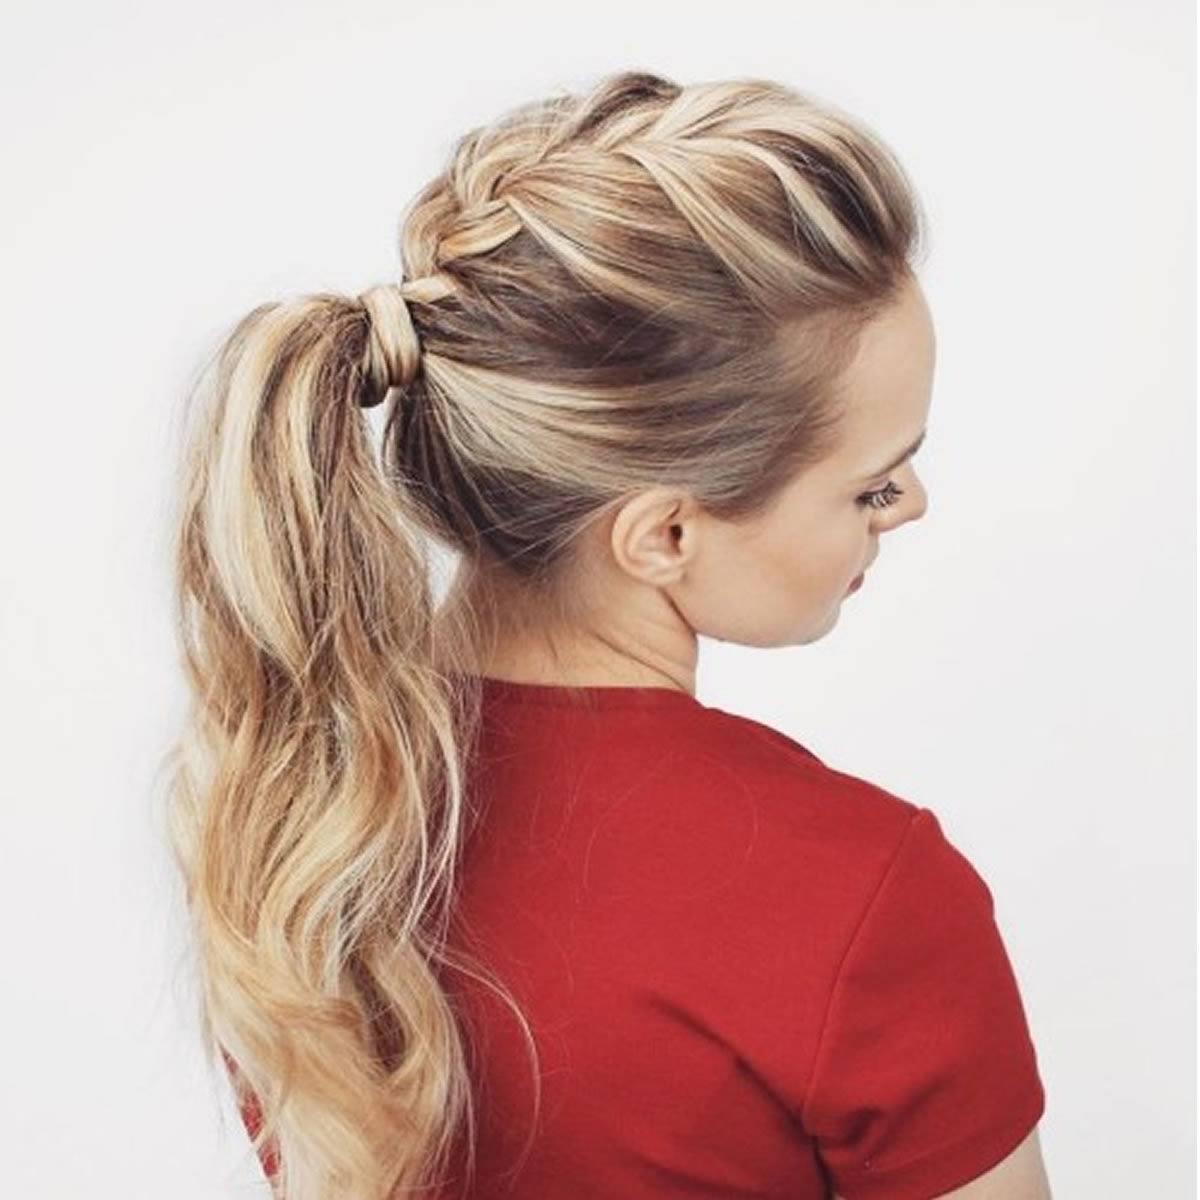 инстаграме как простые прически на длинные волосы фото фото видео редкого